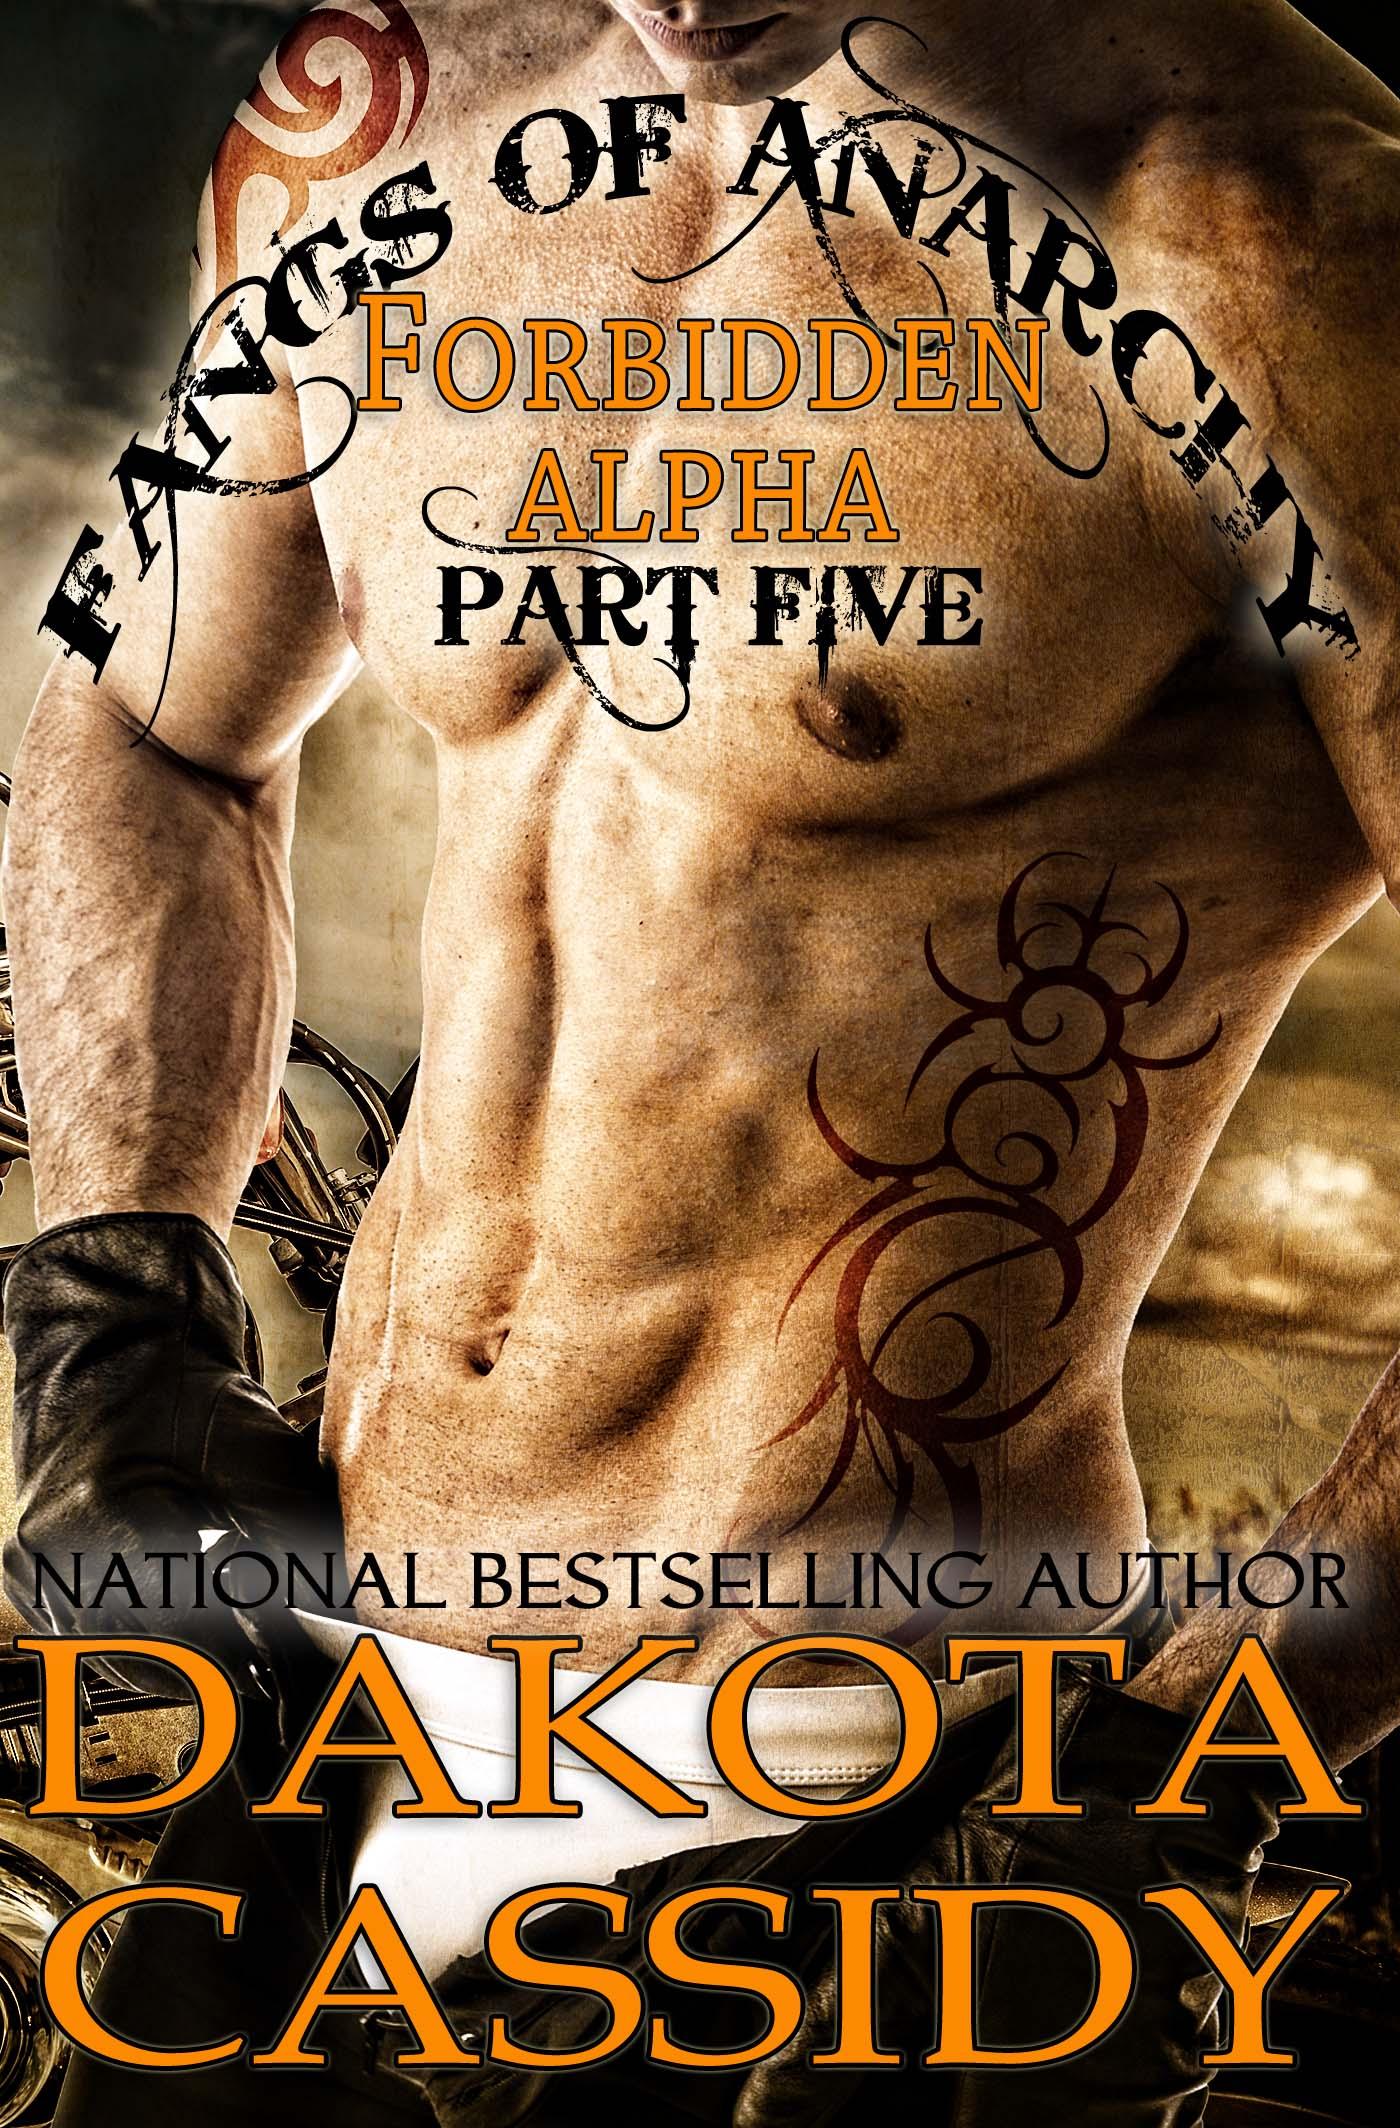 Dakota Cassidy - Fangs of Anarchy-Forbidden Alpha (part 5) Revelation